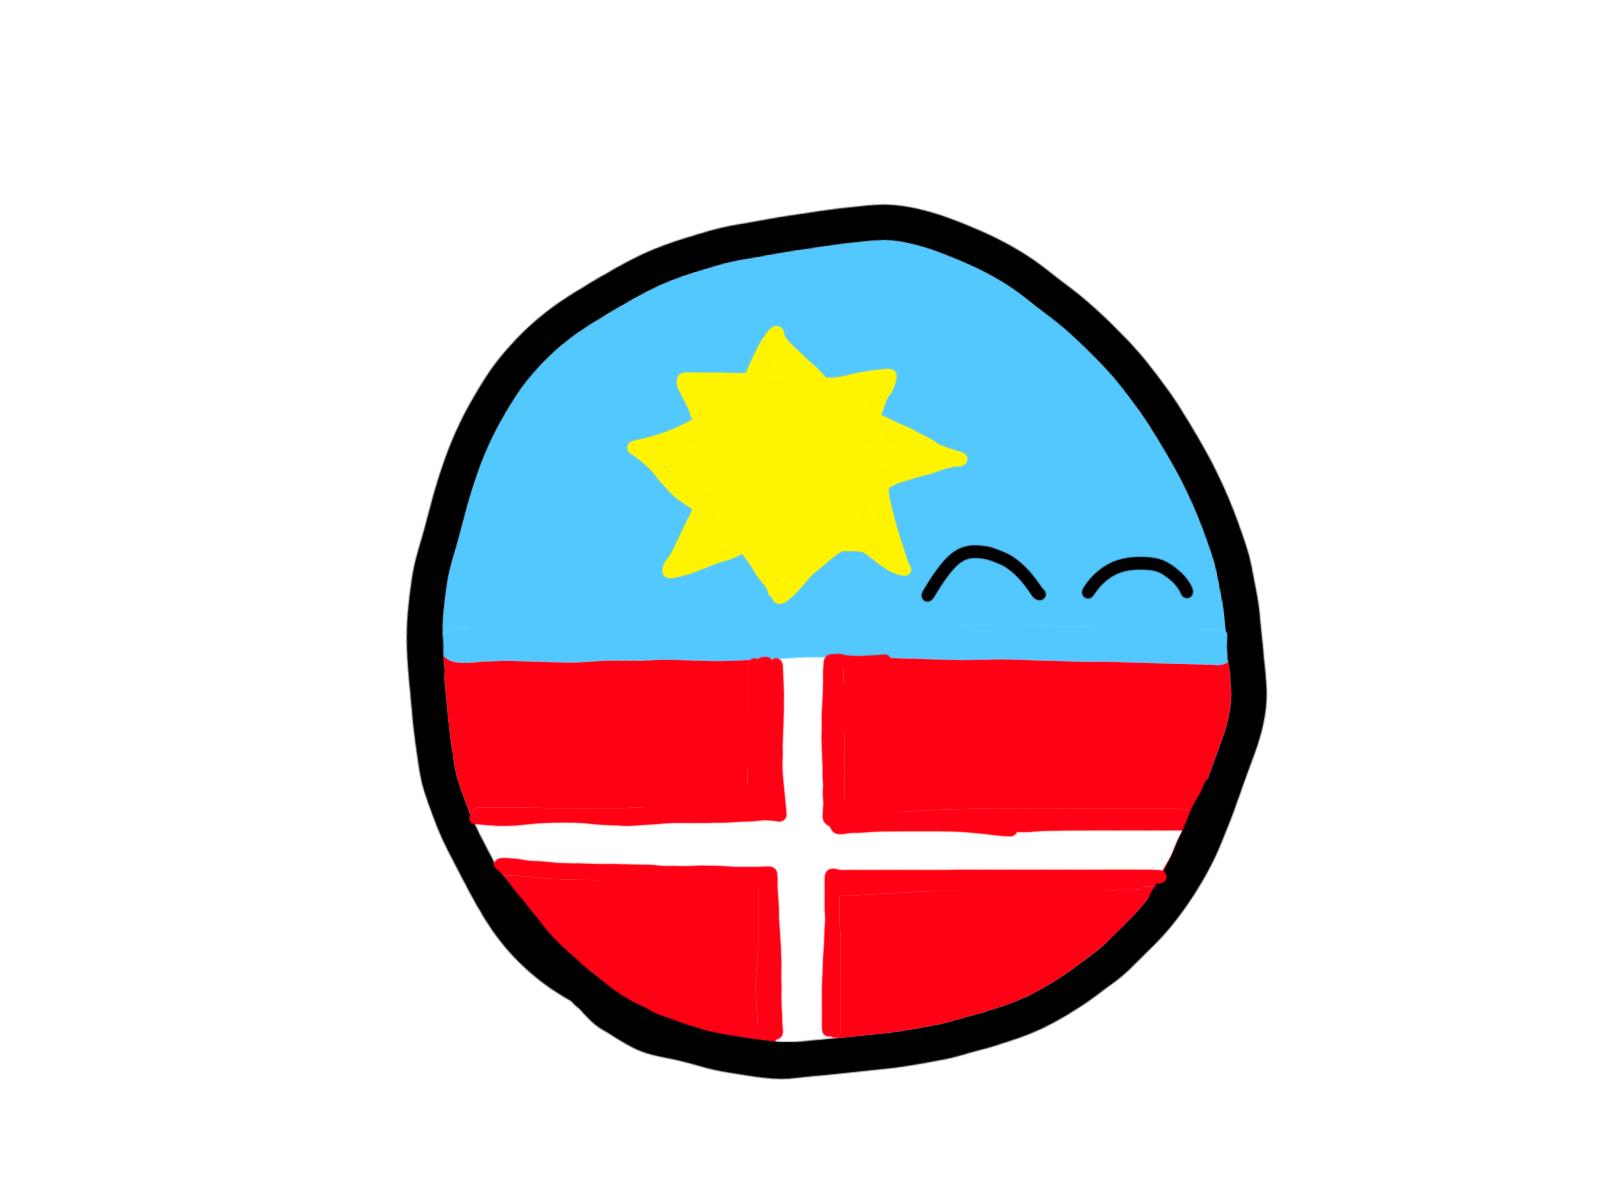 Pochaivball